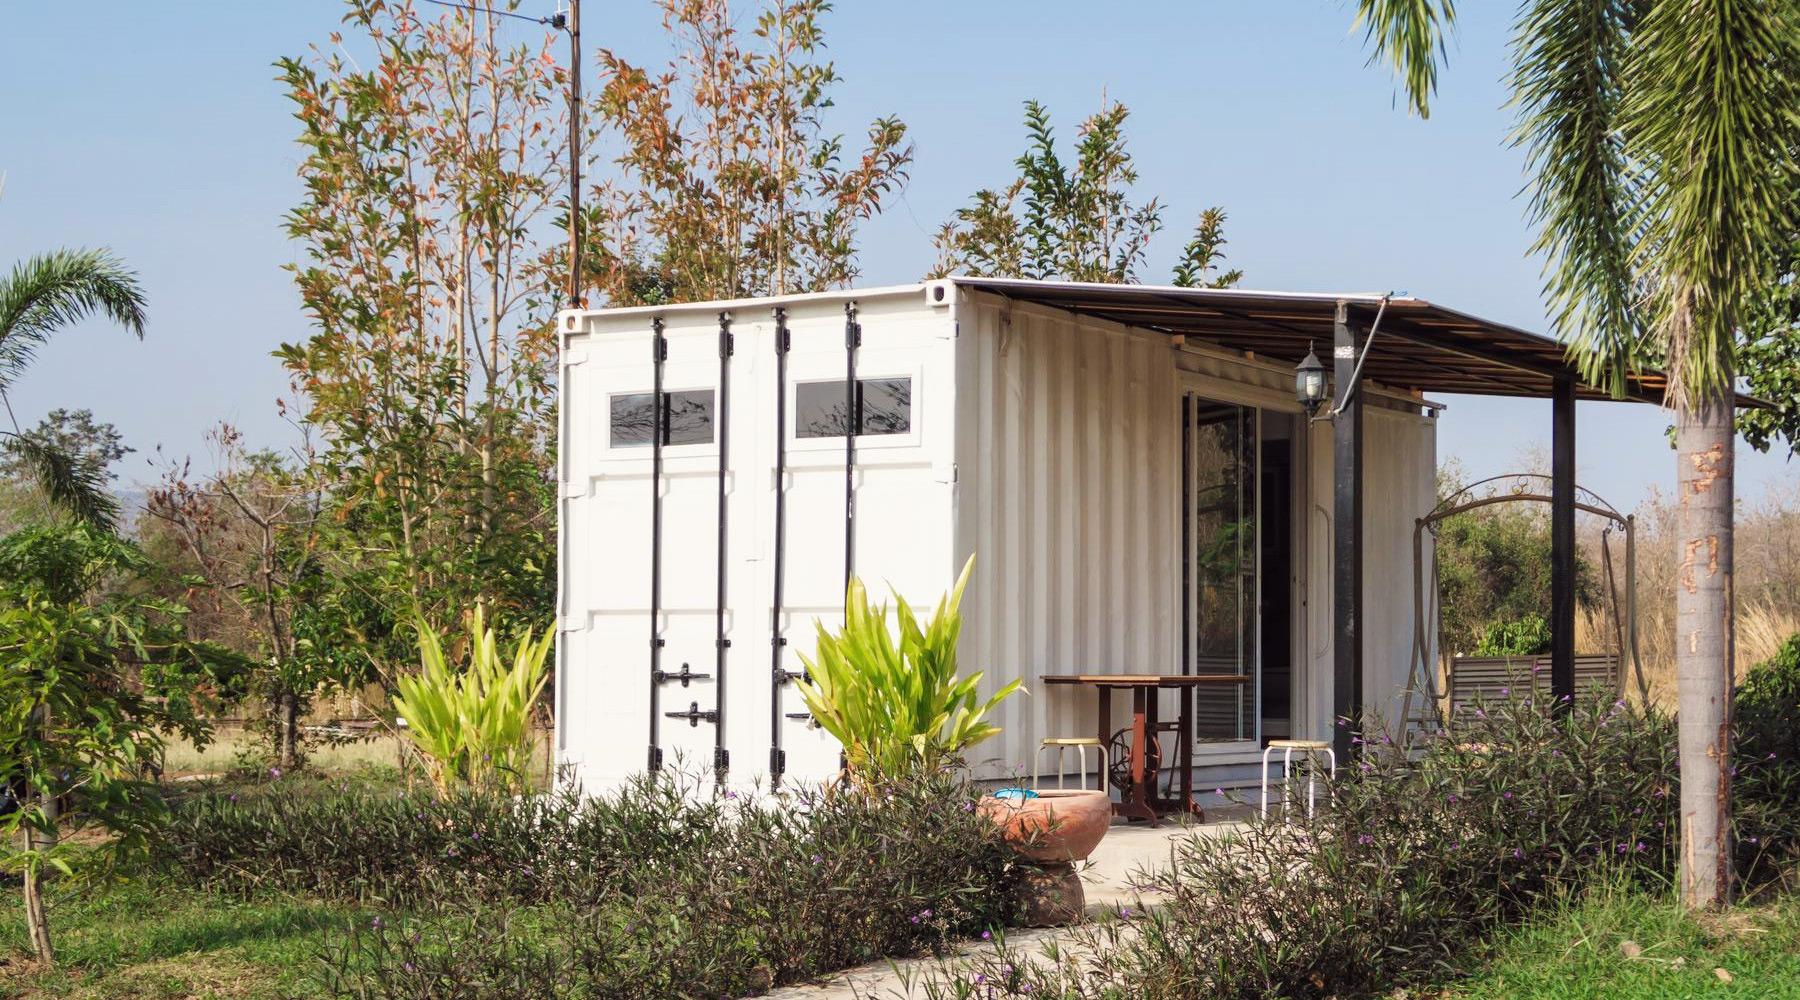 la tendance des mini maisons r aliste au qu bec propos d 39 argent tangerine. Black Bedroom Furniture Sets. Home Design Ideas